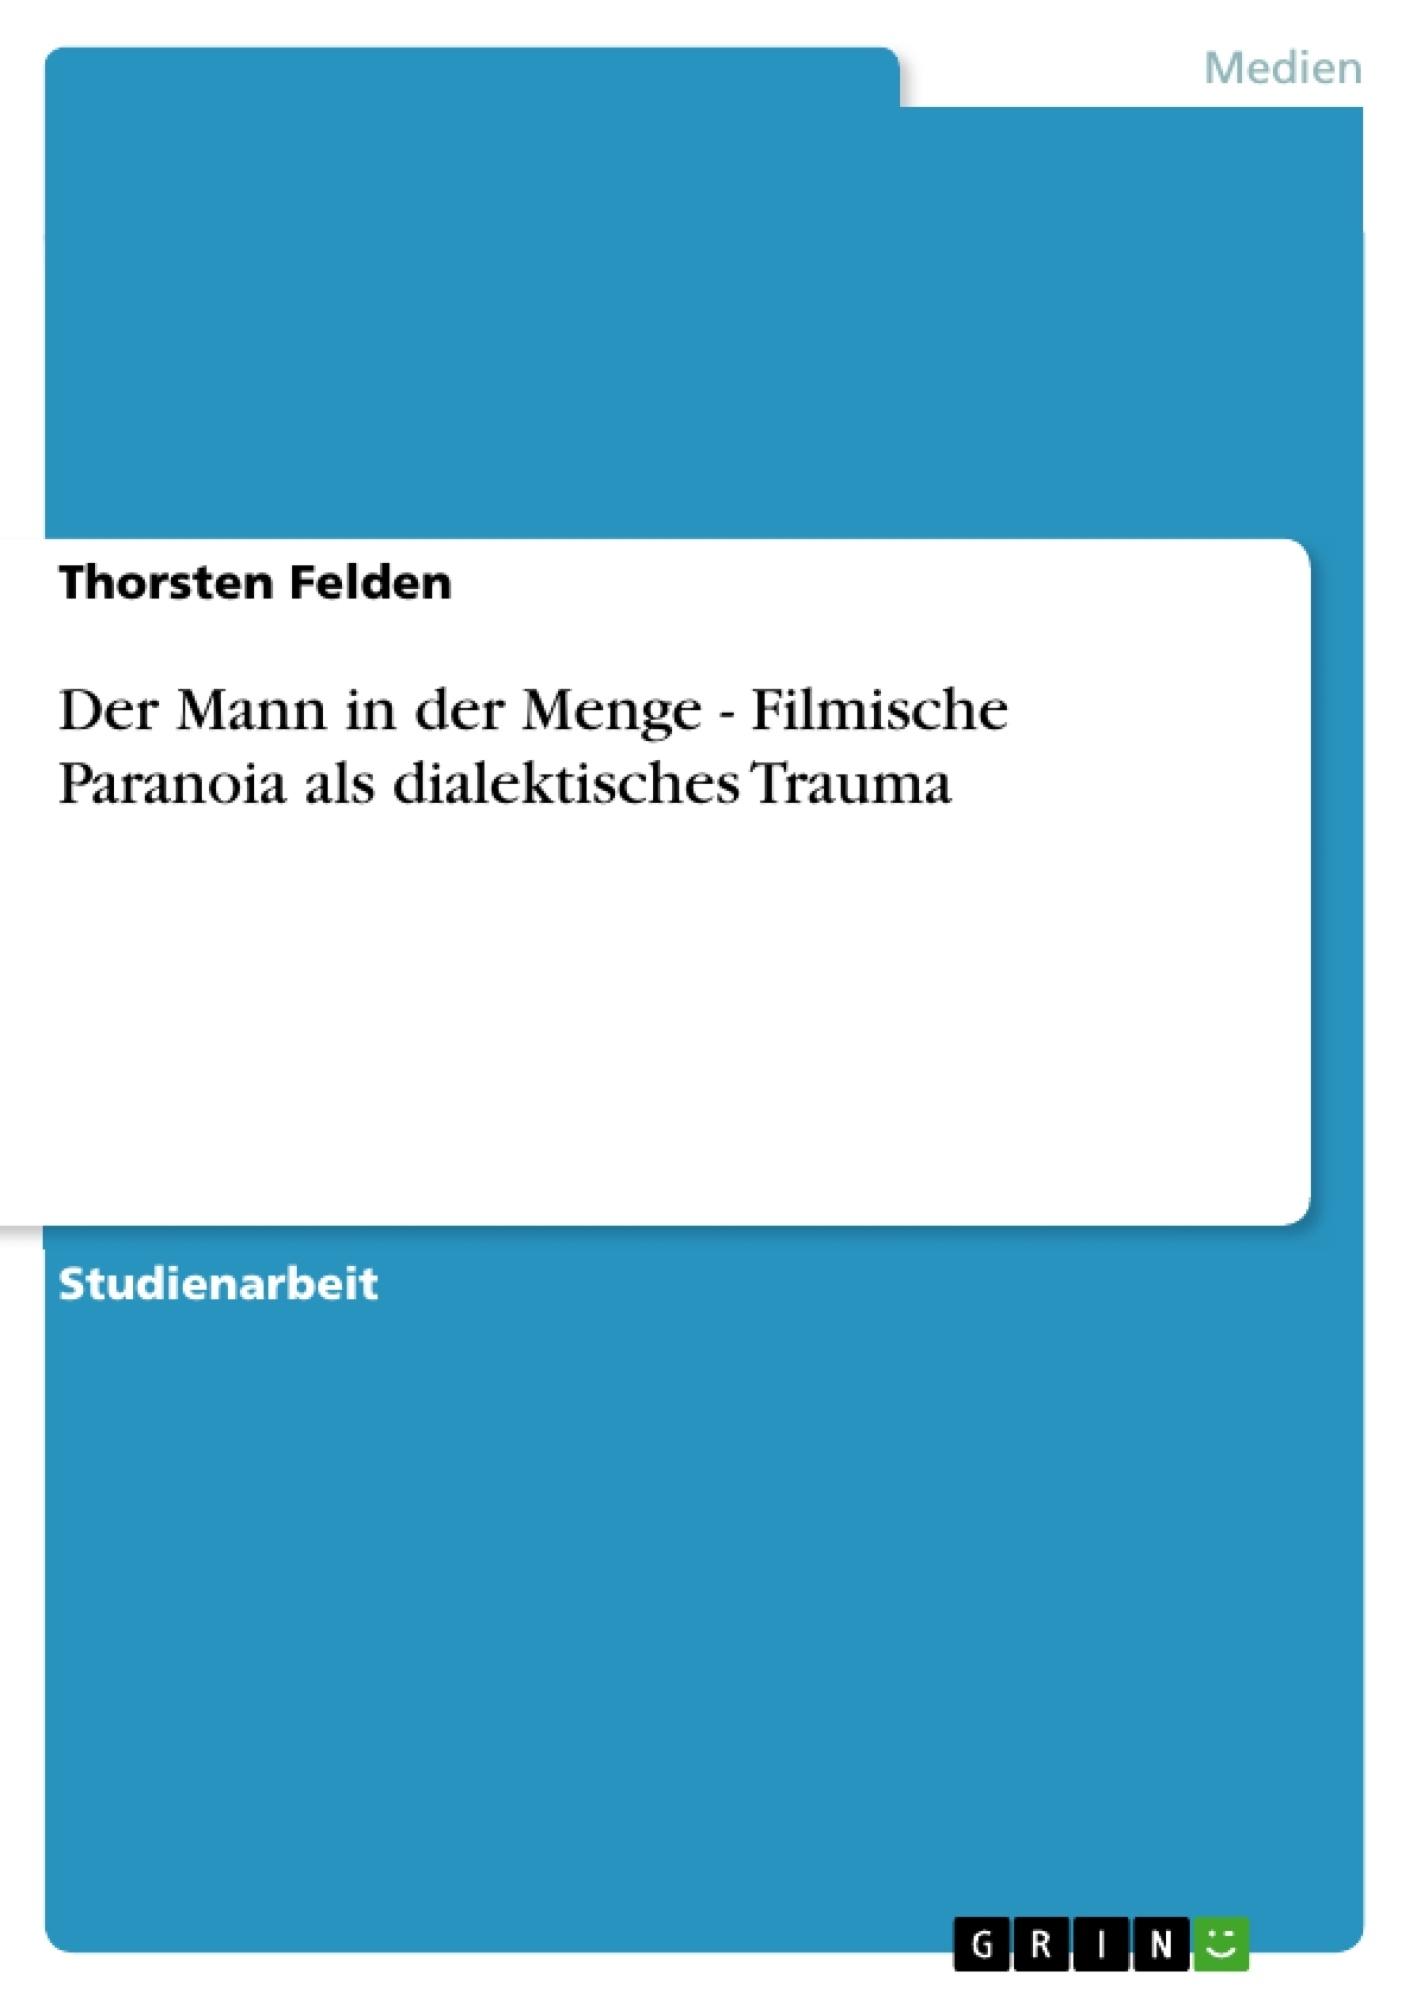 Titel: Der Mann in der Menge - Filmische Paranoia als dialektisches Trauma